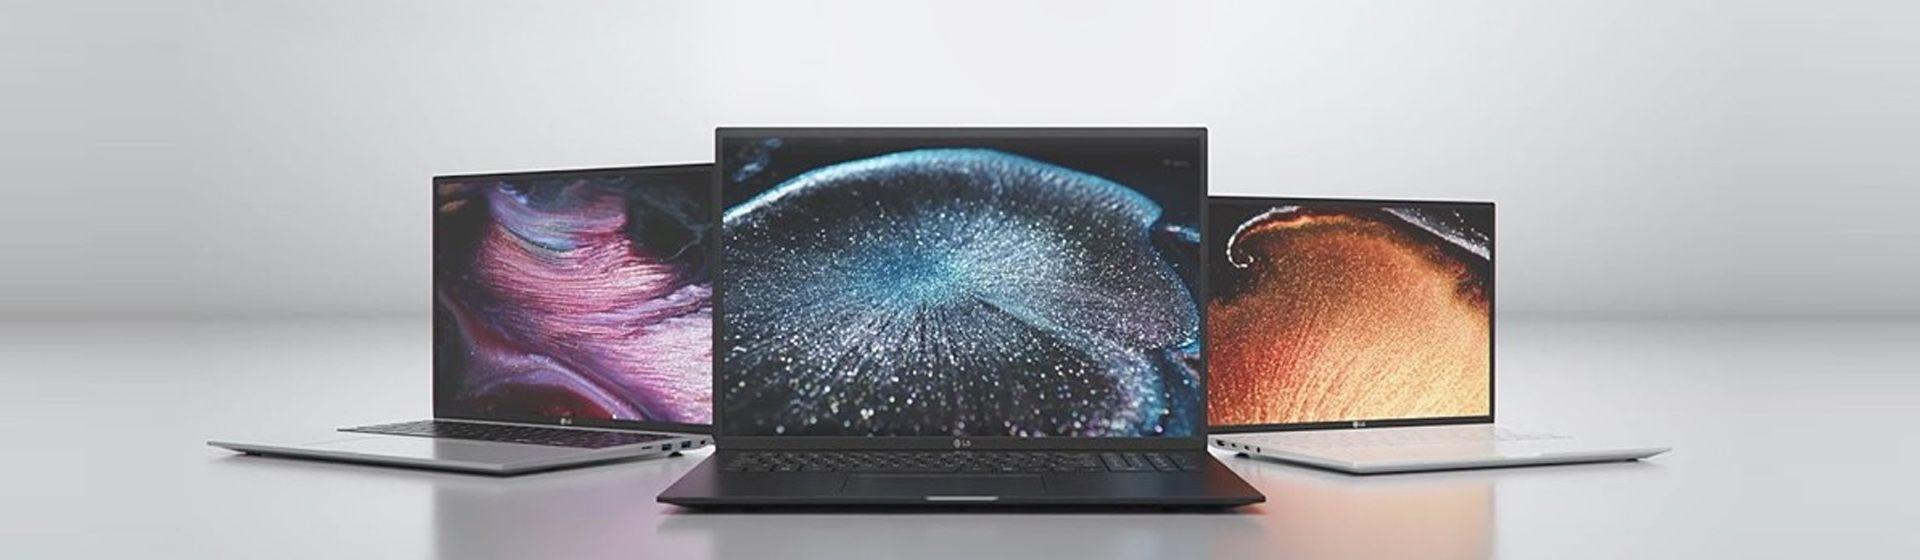 LG Gram 16 é revelado como notebook de 16 polegadas mais leve do mundo